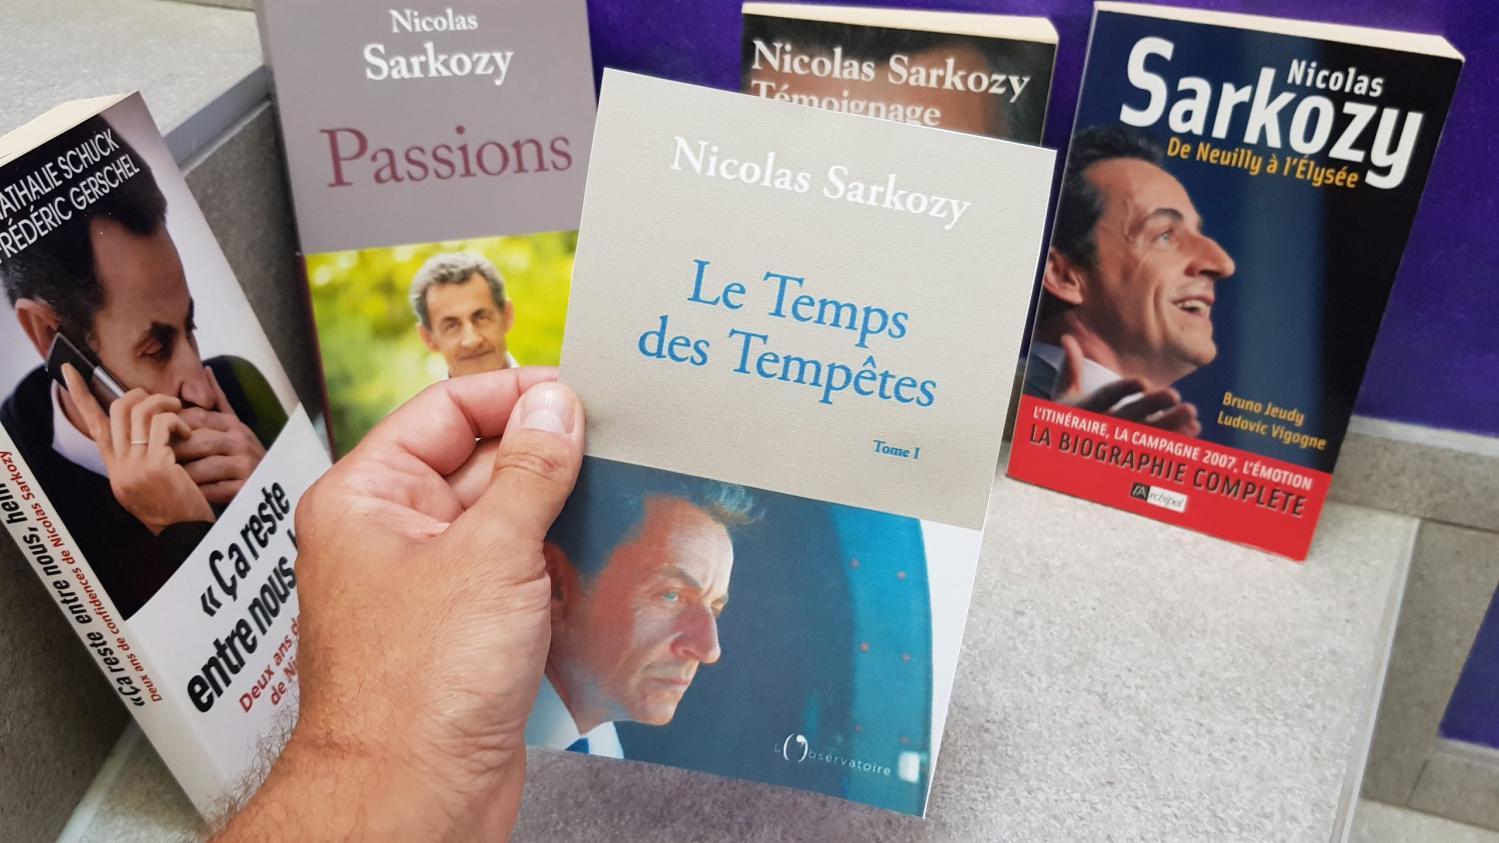 Ce que contient  Le Temps des tempêtes , le nouveau livre de Nicolas Sarkozy qui revient sur les débuts de son quinquennat